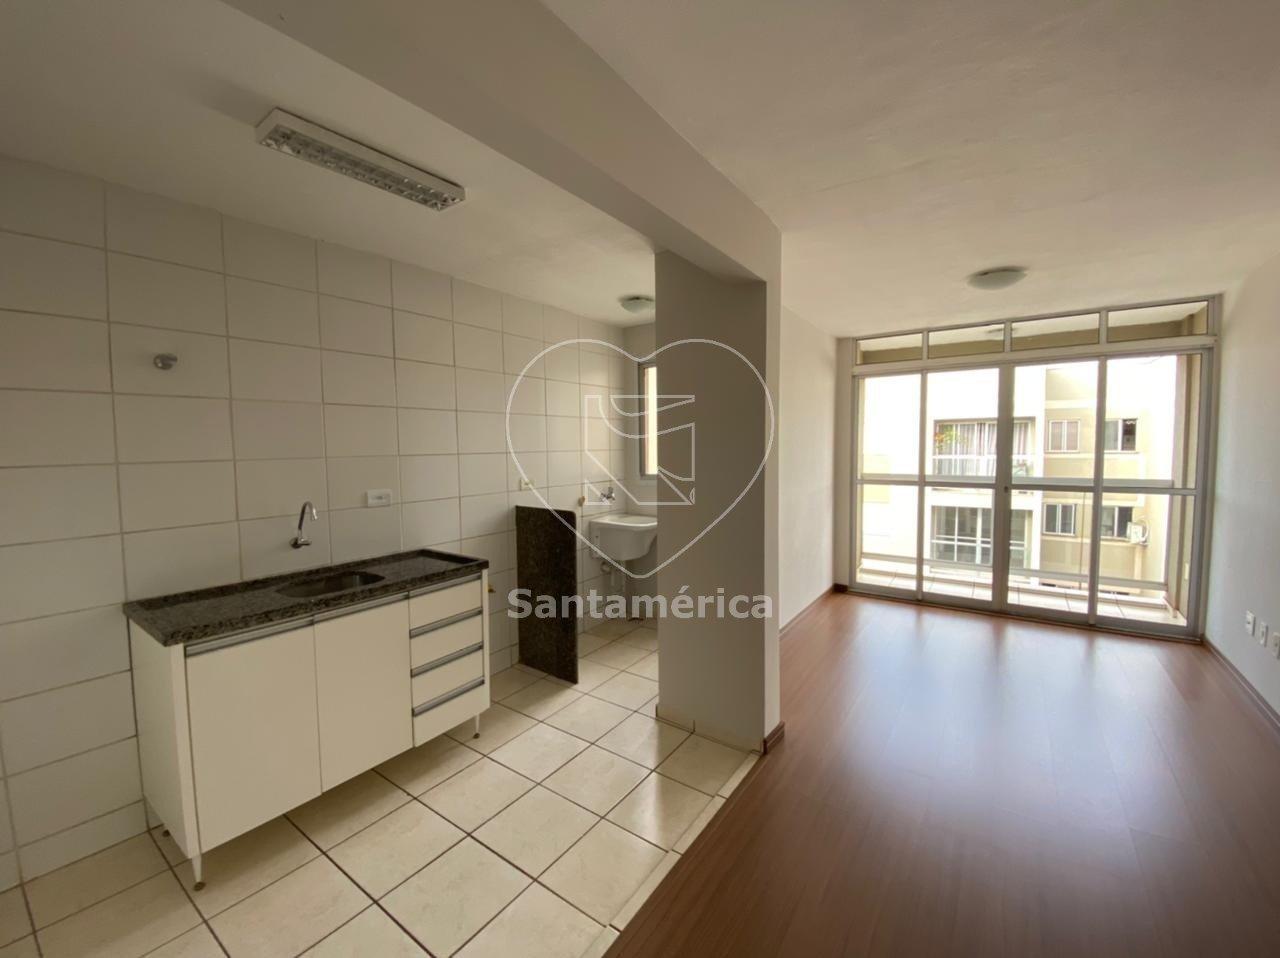 16269.001, Apartamento no Edifício Alameda Europa, de 2 quartos, 41 m² para alugar no Paraíso - Londrina/PR